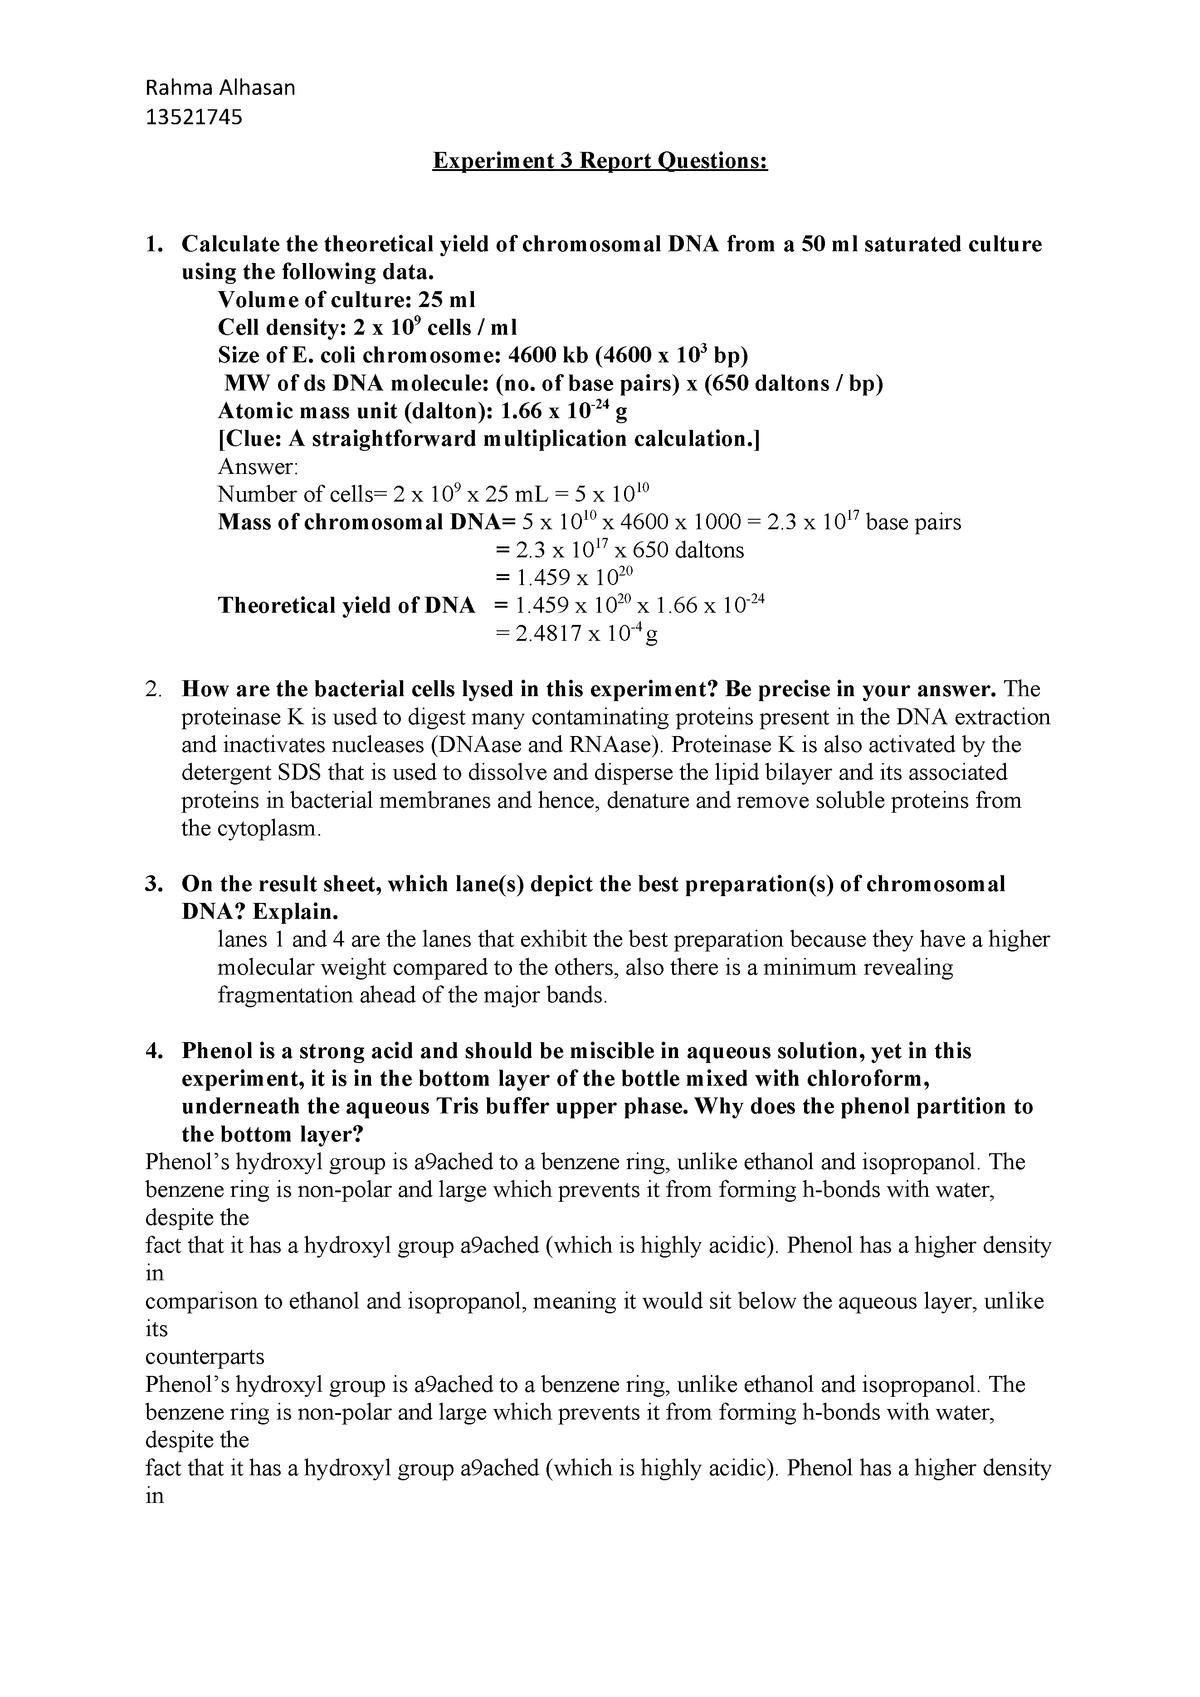 Experiment 3 Report Molecular Biology C10242v1 Uts Studocu